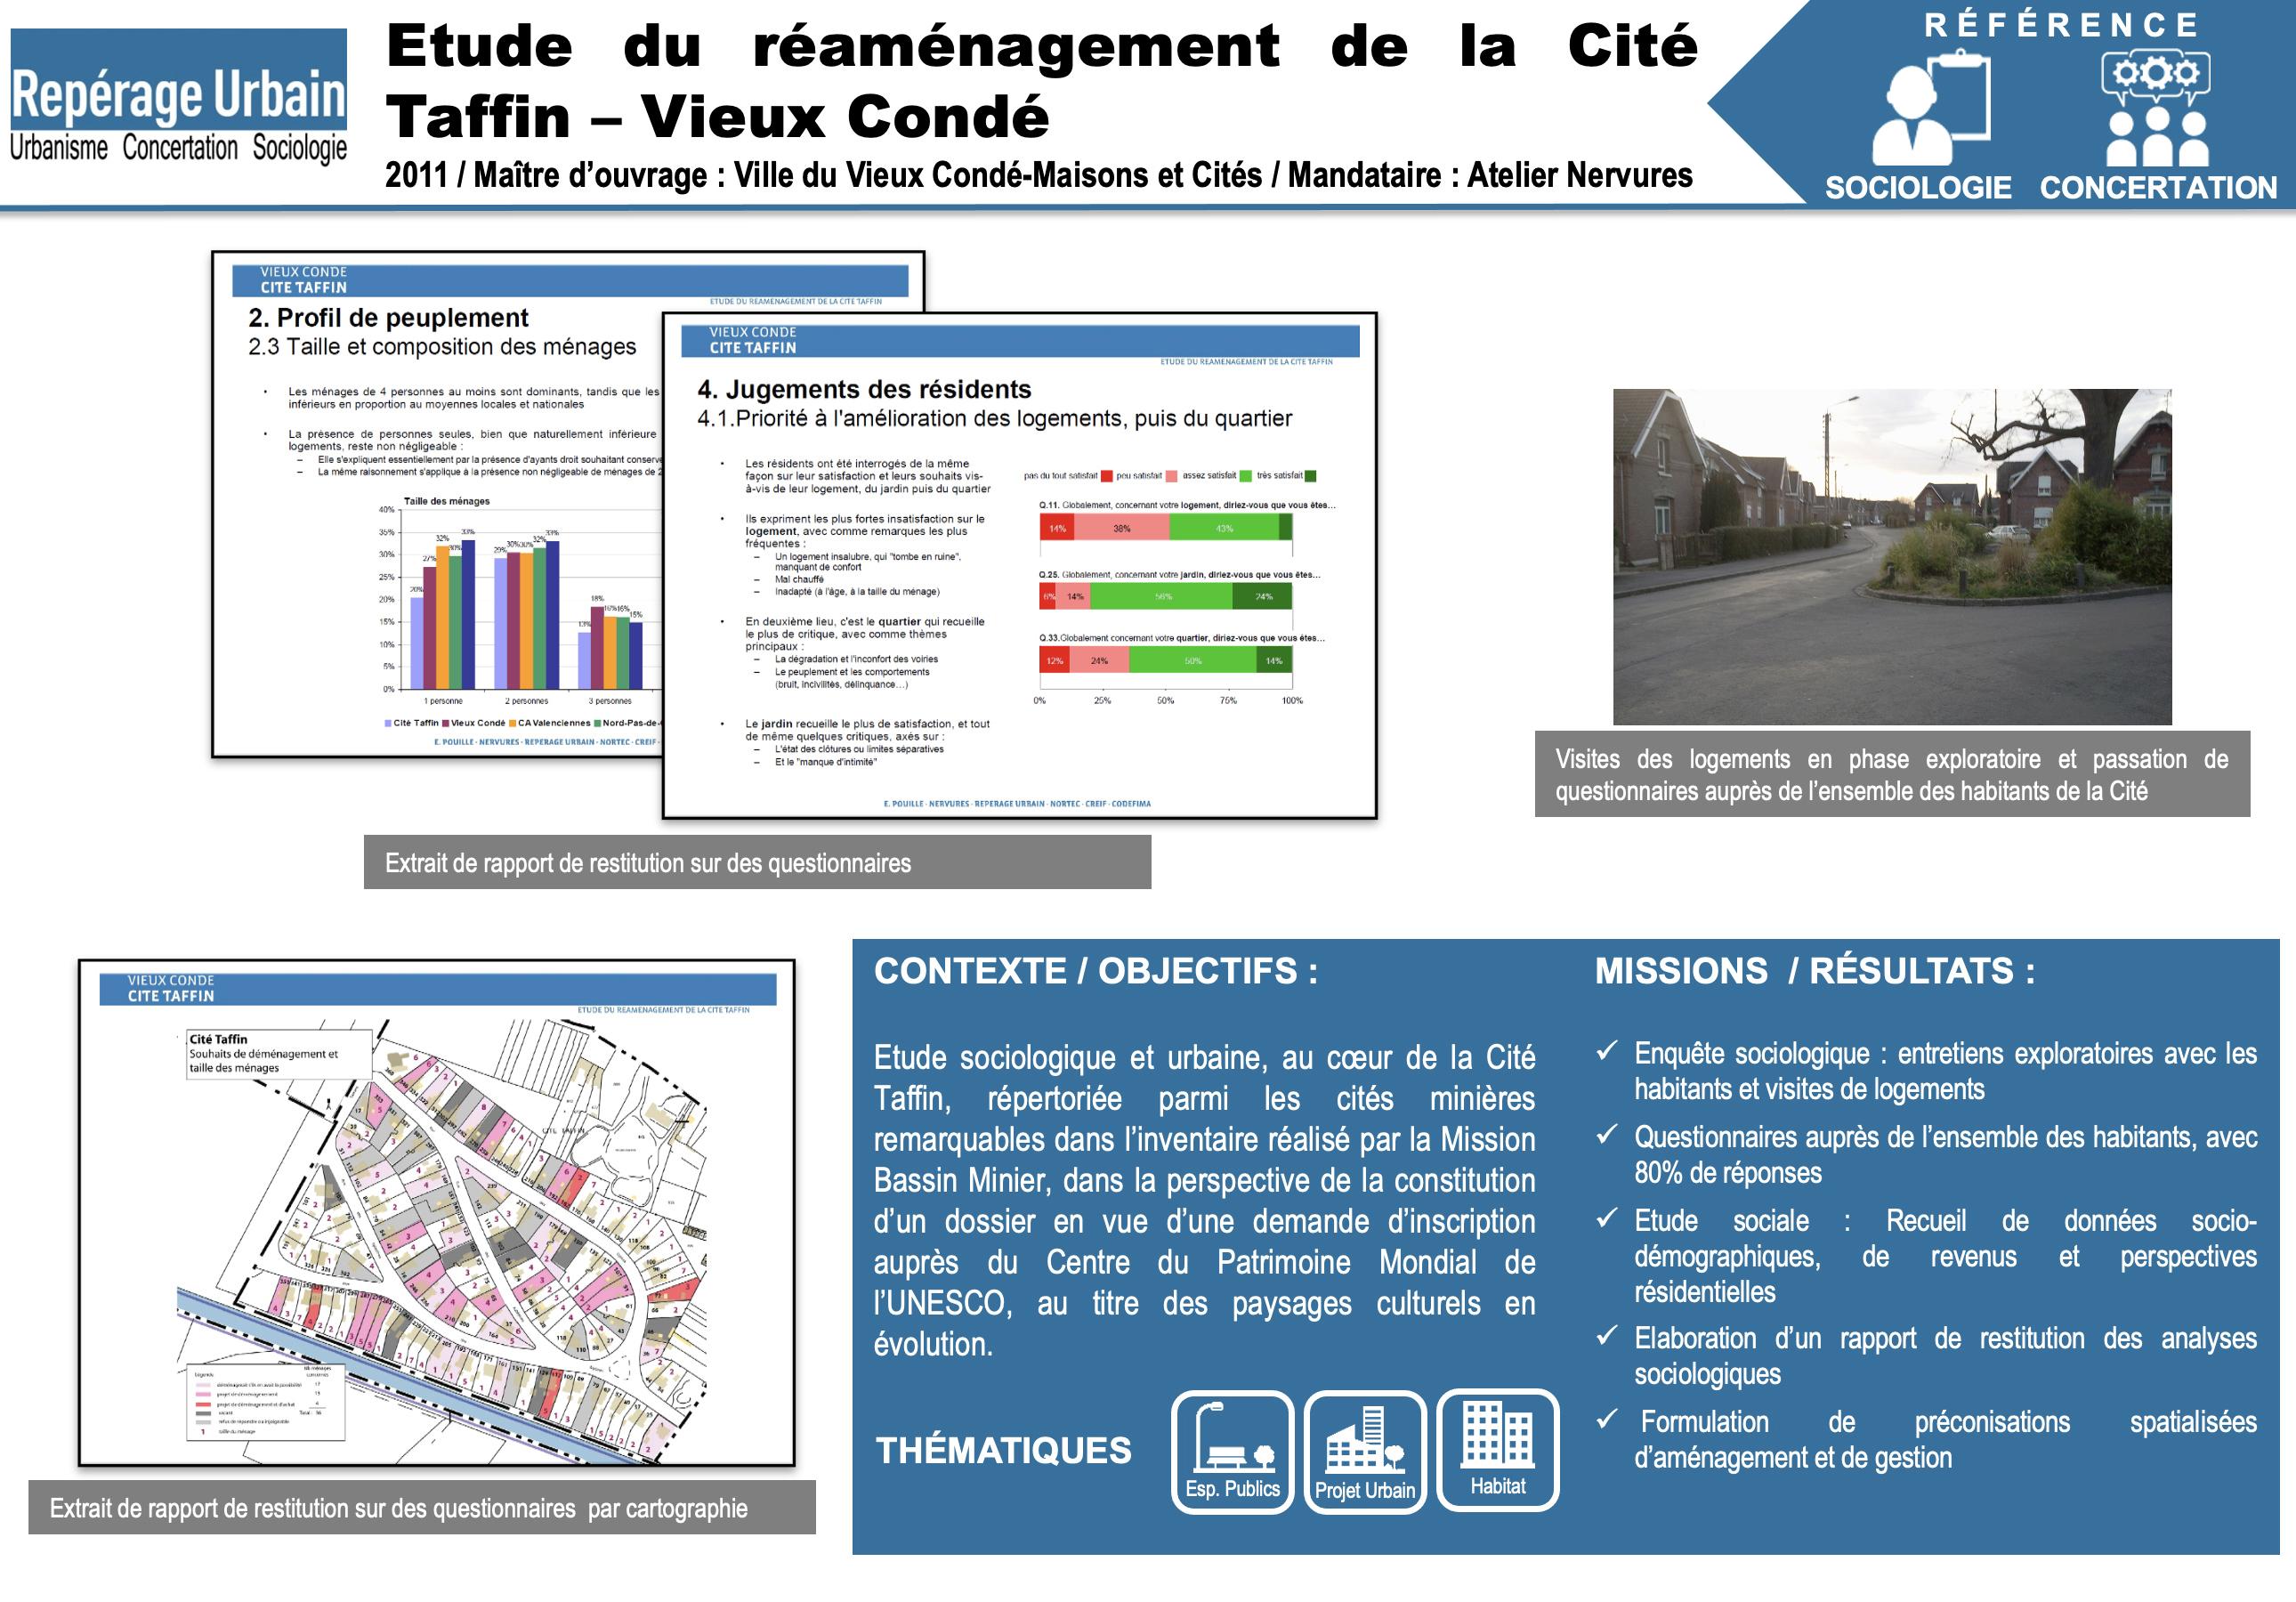 2011 - Cité Taffin